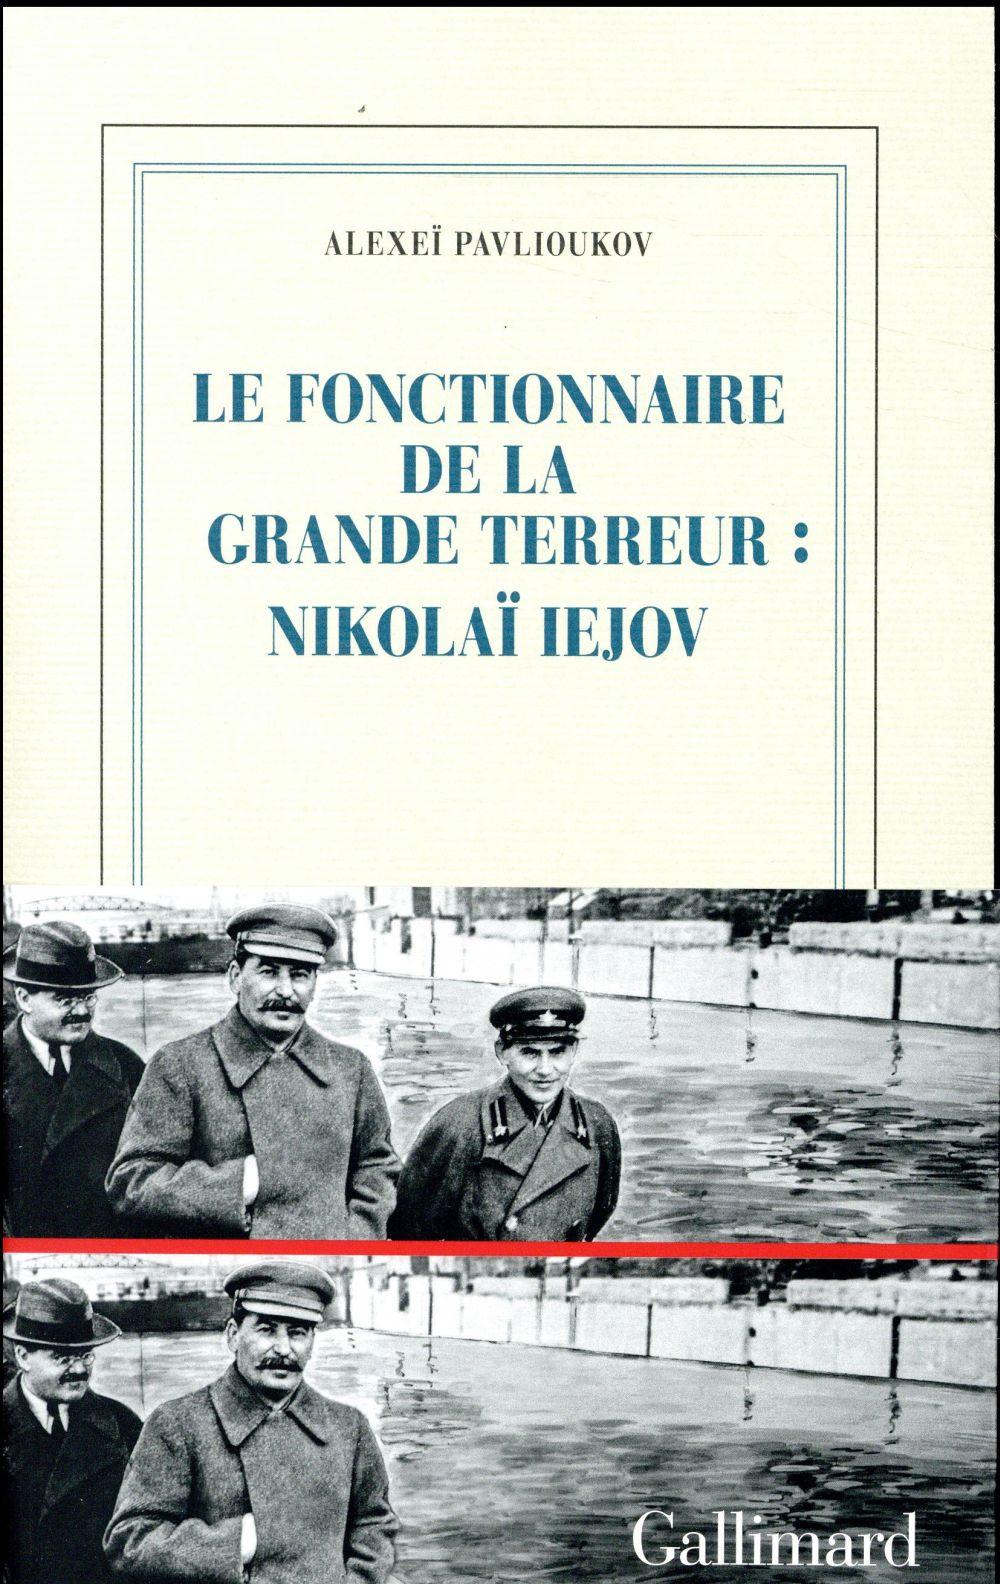 Le fonctionnaire de la Grande Terreur : Nikolaï Iejov